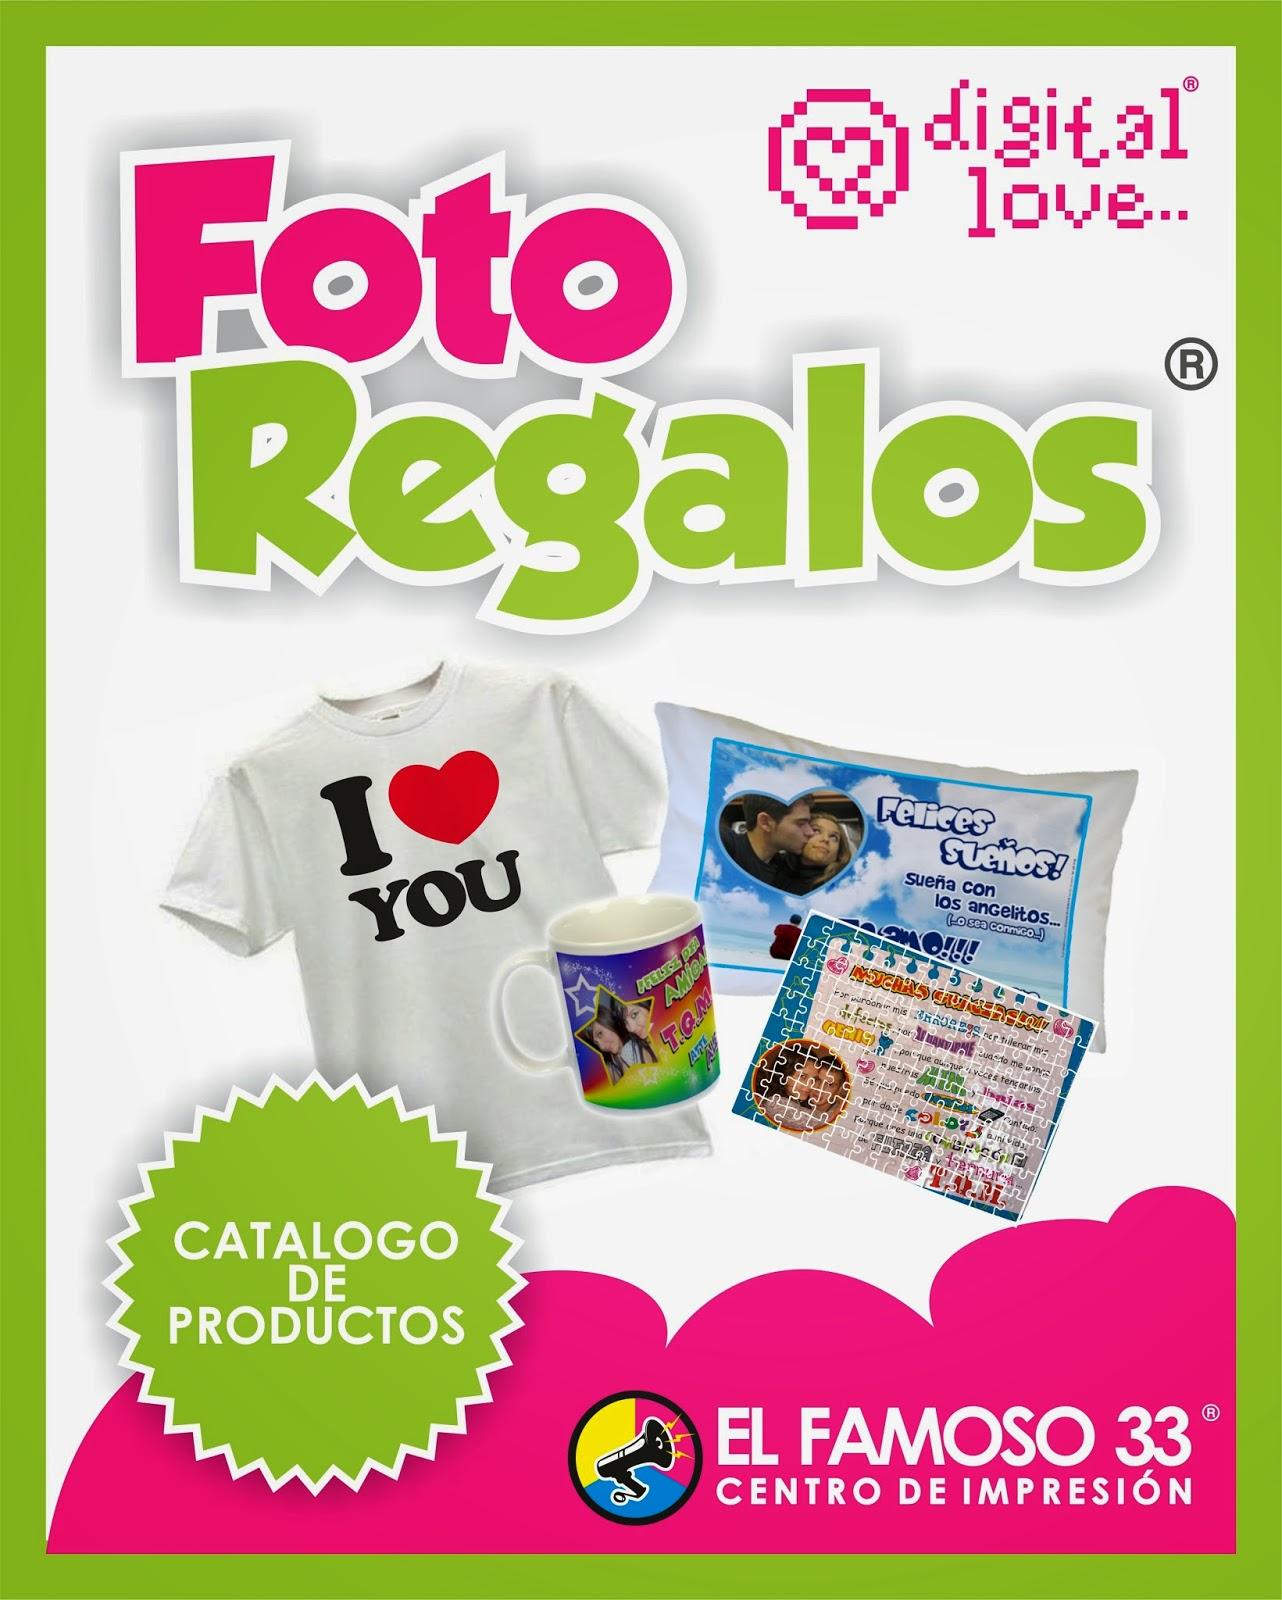 Publicado por El Famoso 33 5dcc71037ef01